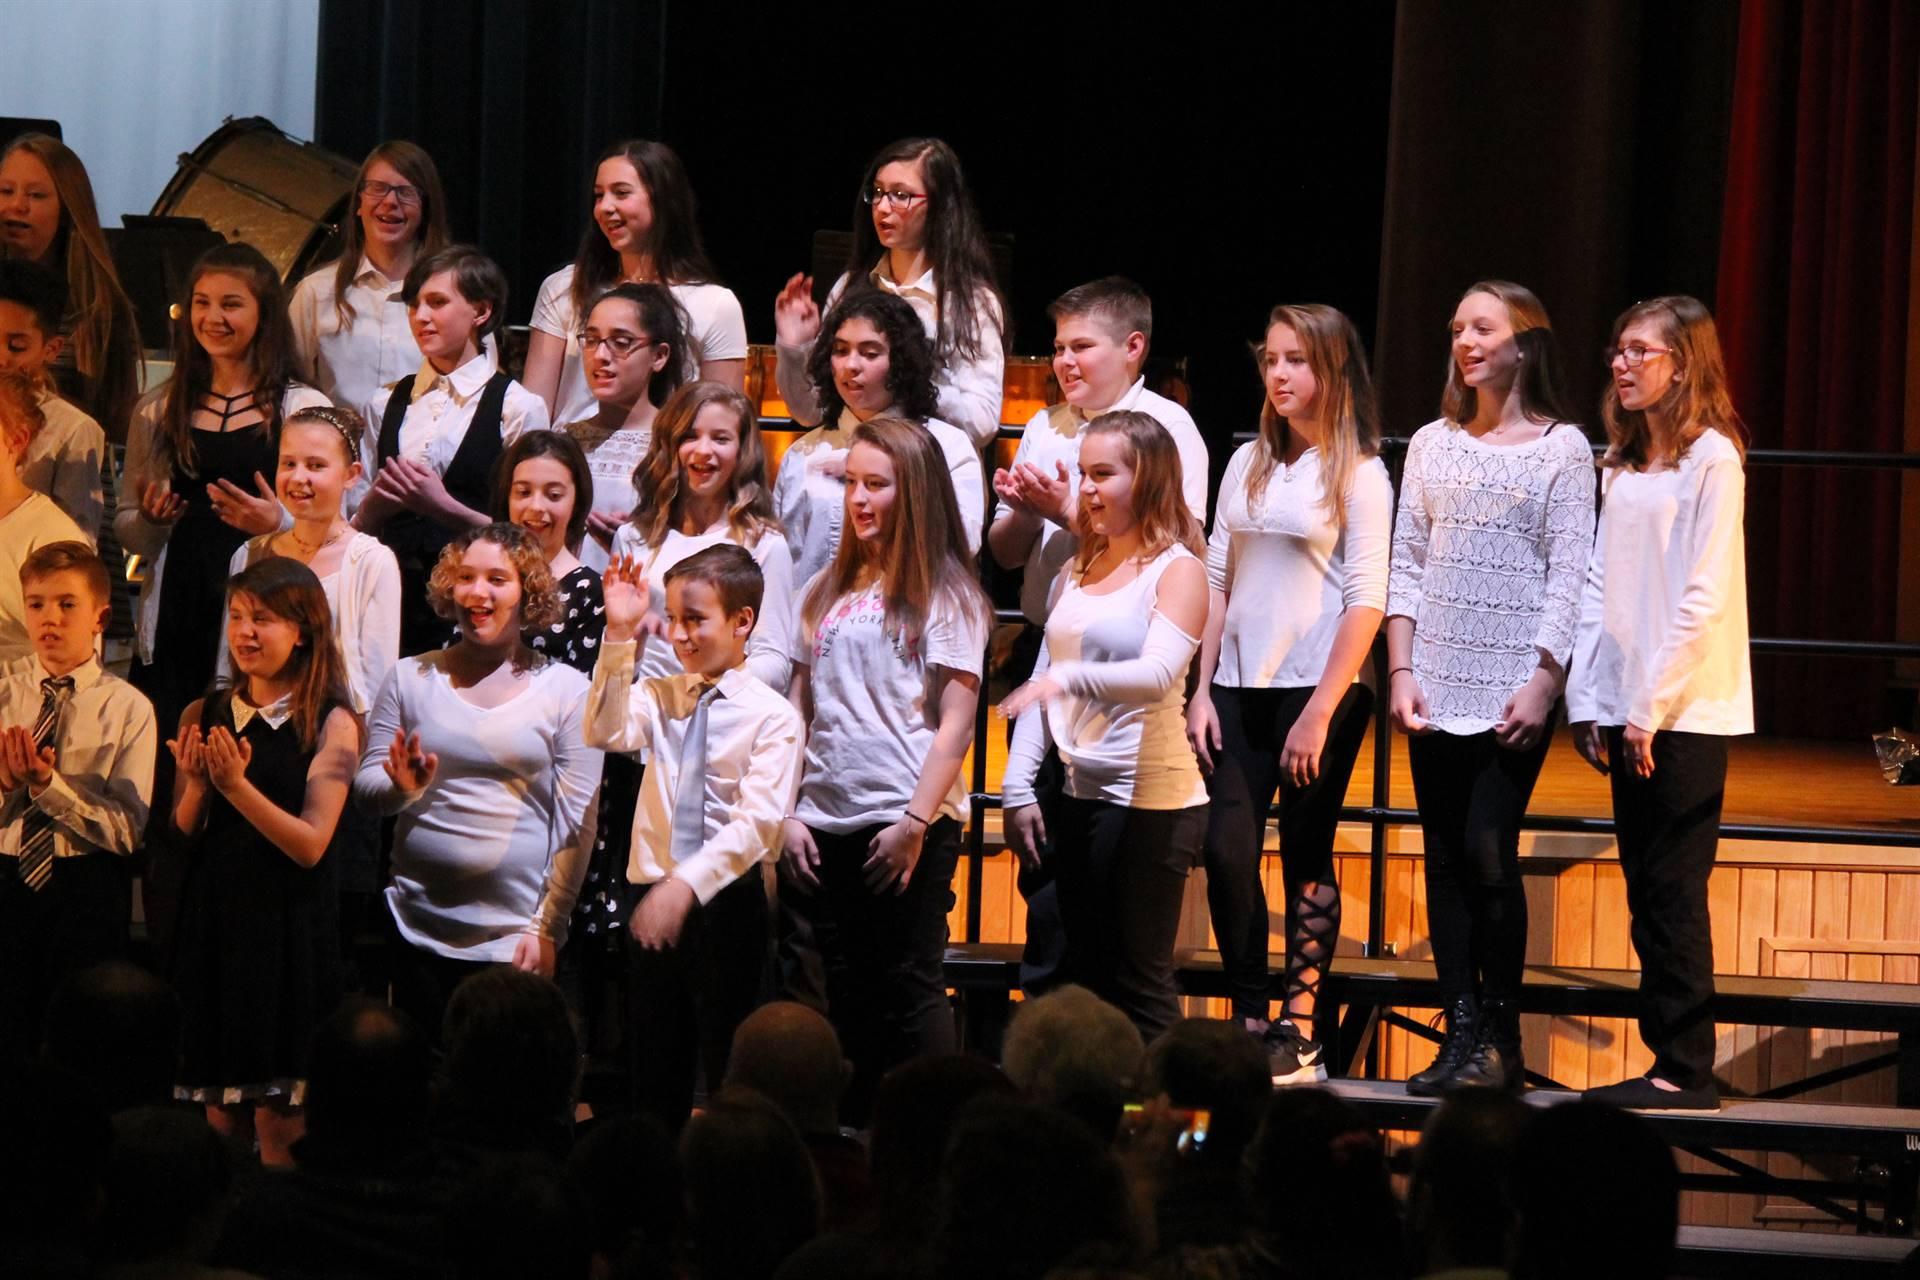 Girls singing at concert